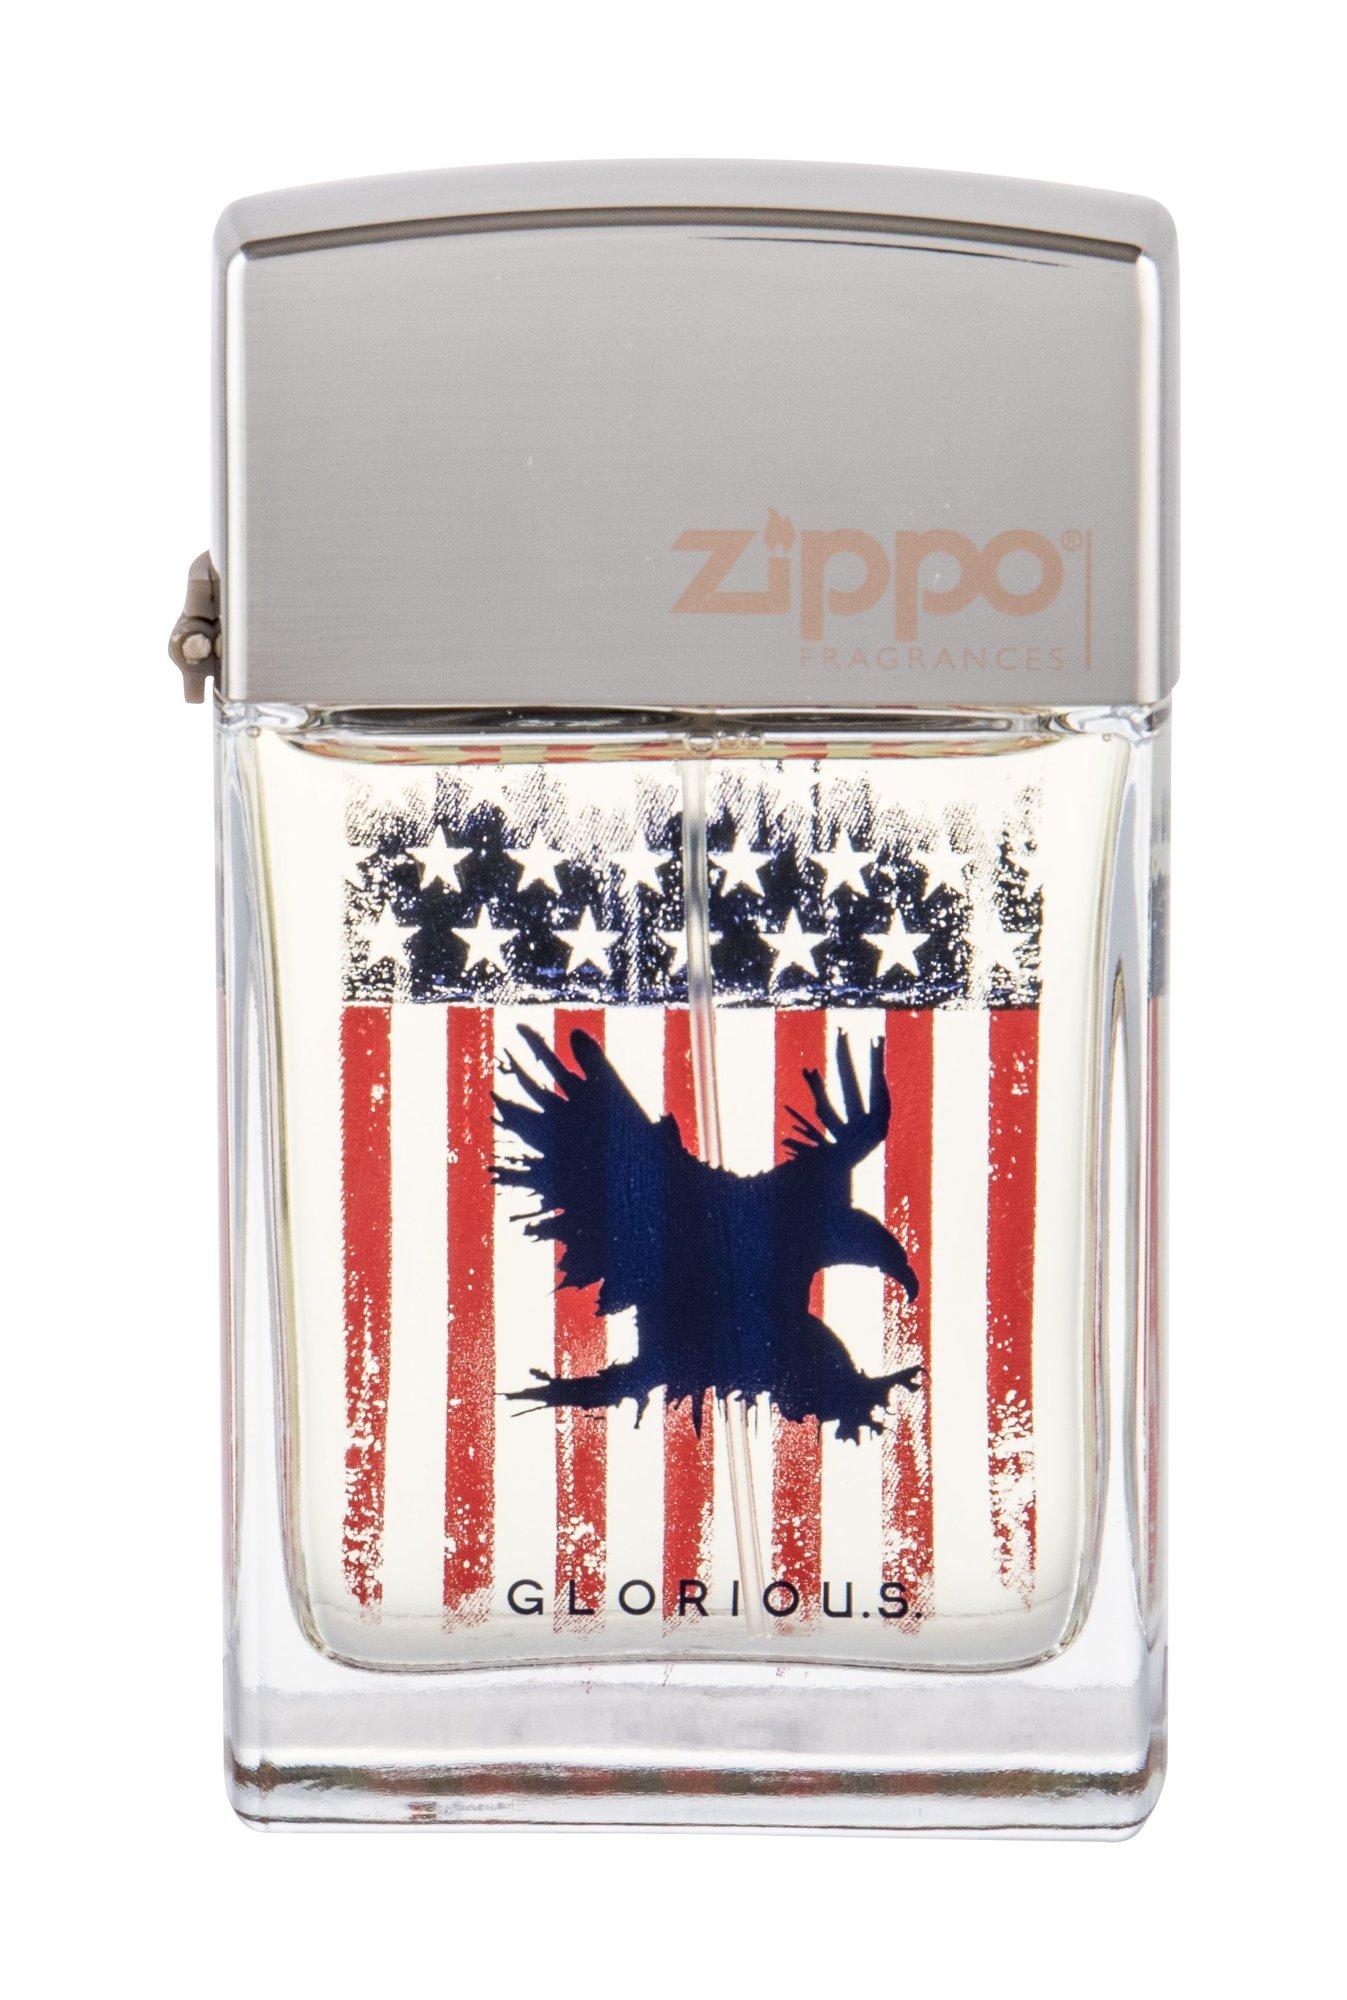 Kvepalai Zippo Fragrances Gloriou.s.